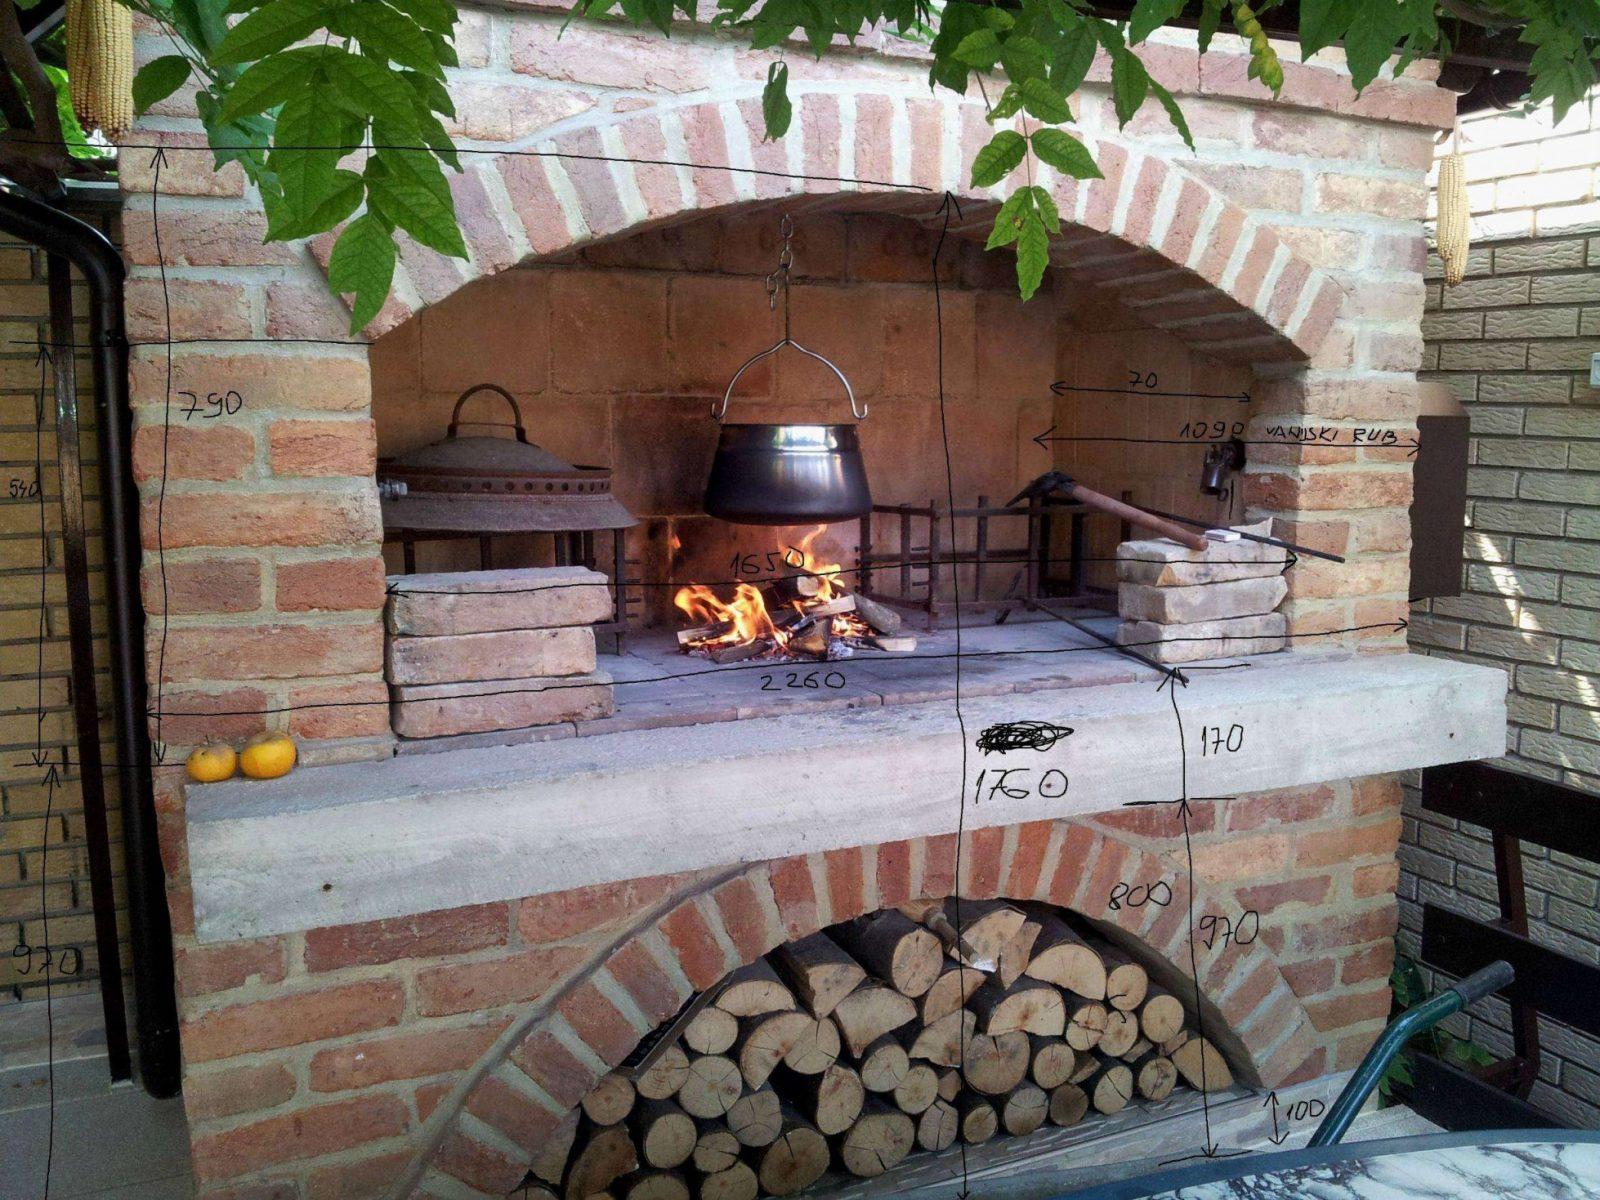 Garten Grillkamin Schön 31 Elegant Pizzaofen Garten Selber Bauen von Gartenkamin Grill Selber Bauen Photo